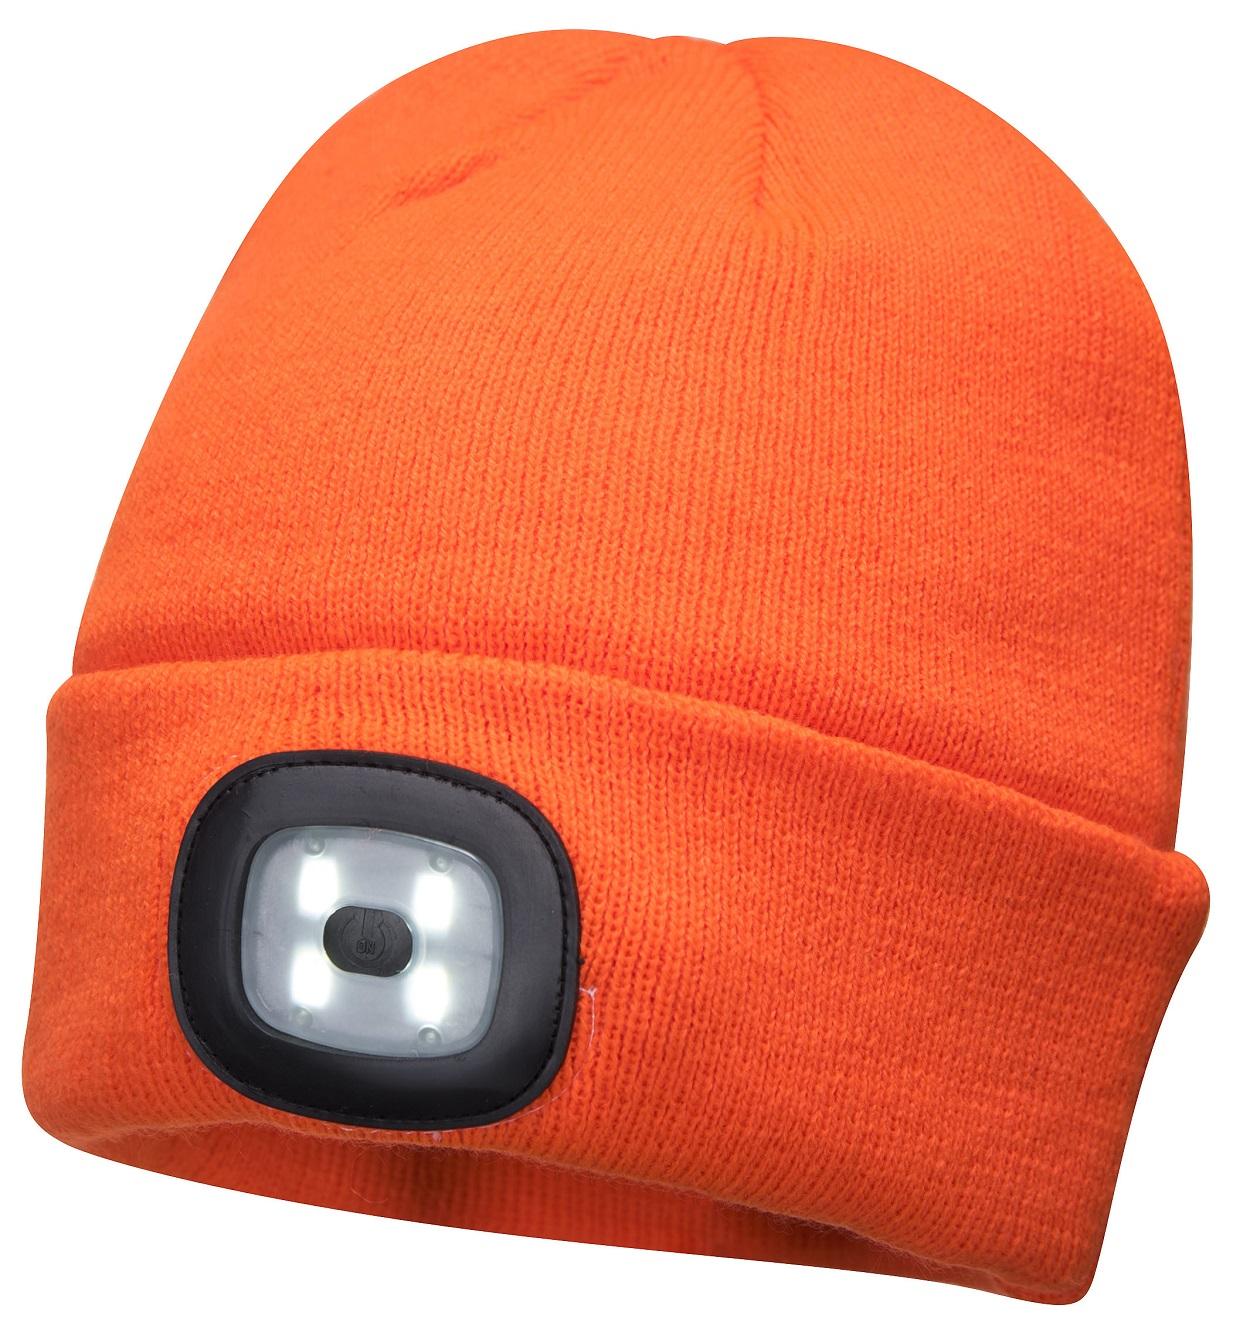 B029 portocaliu1